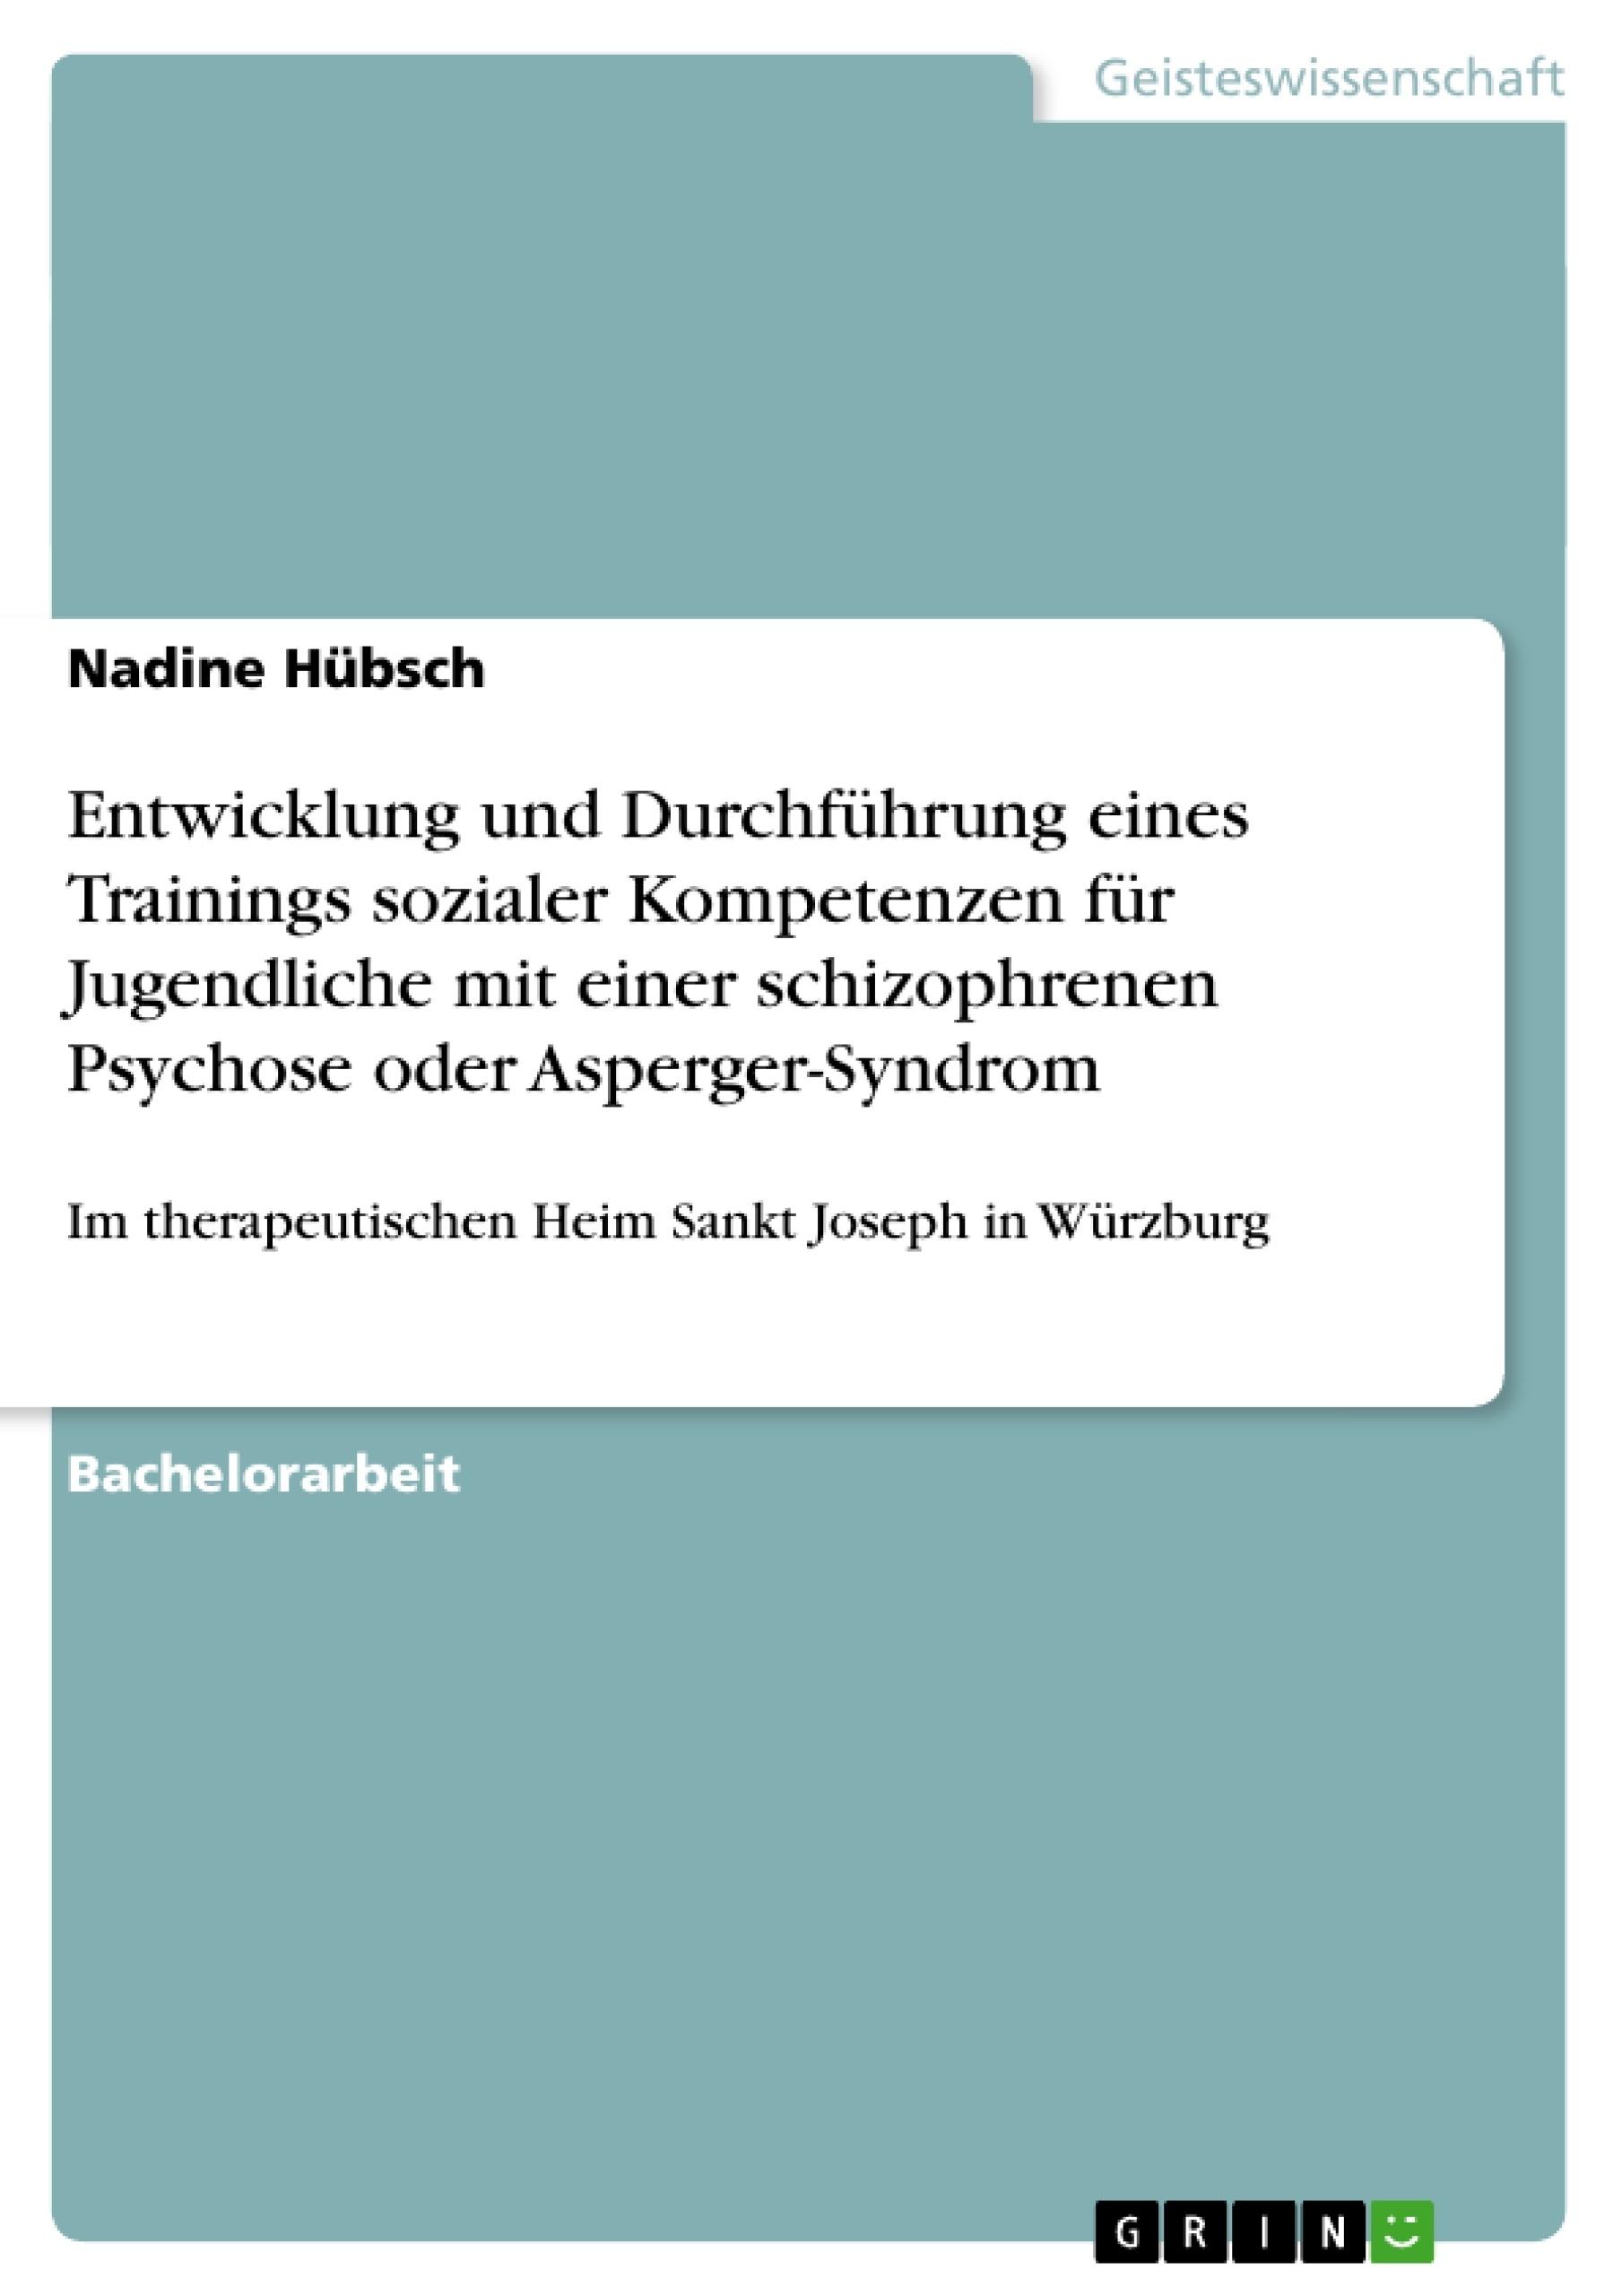 Titel: Entwicklung und Durchführung eines Trainings sozialer Kompetenzen für Jugendliche mit einer schizophrenen Psychose oder Asperger-Syndrom